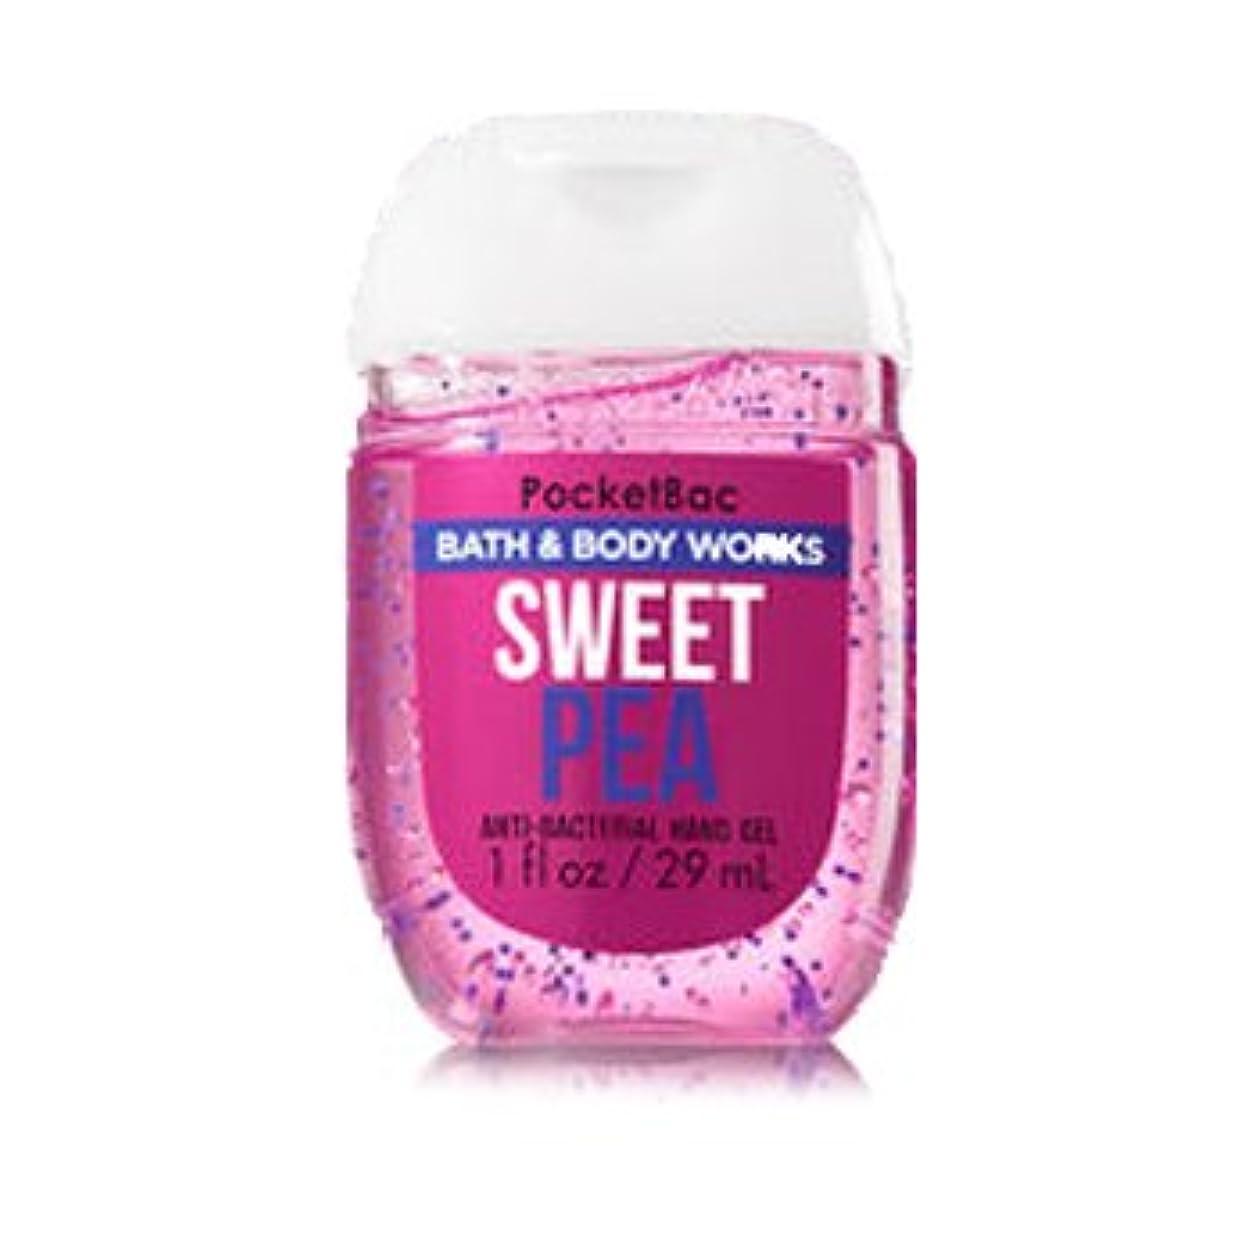 発生かごうがい薬バス&ボディワークス ハンドジェル 29ml スウィートピー Bath&Body Works Anti-Bacterial PocketBac Sanitizing Hand Gel Sweet Pea [並行輸入品]